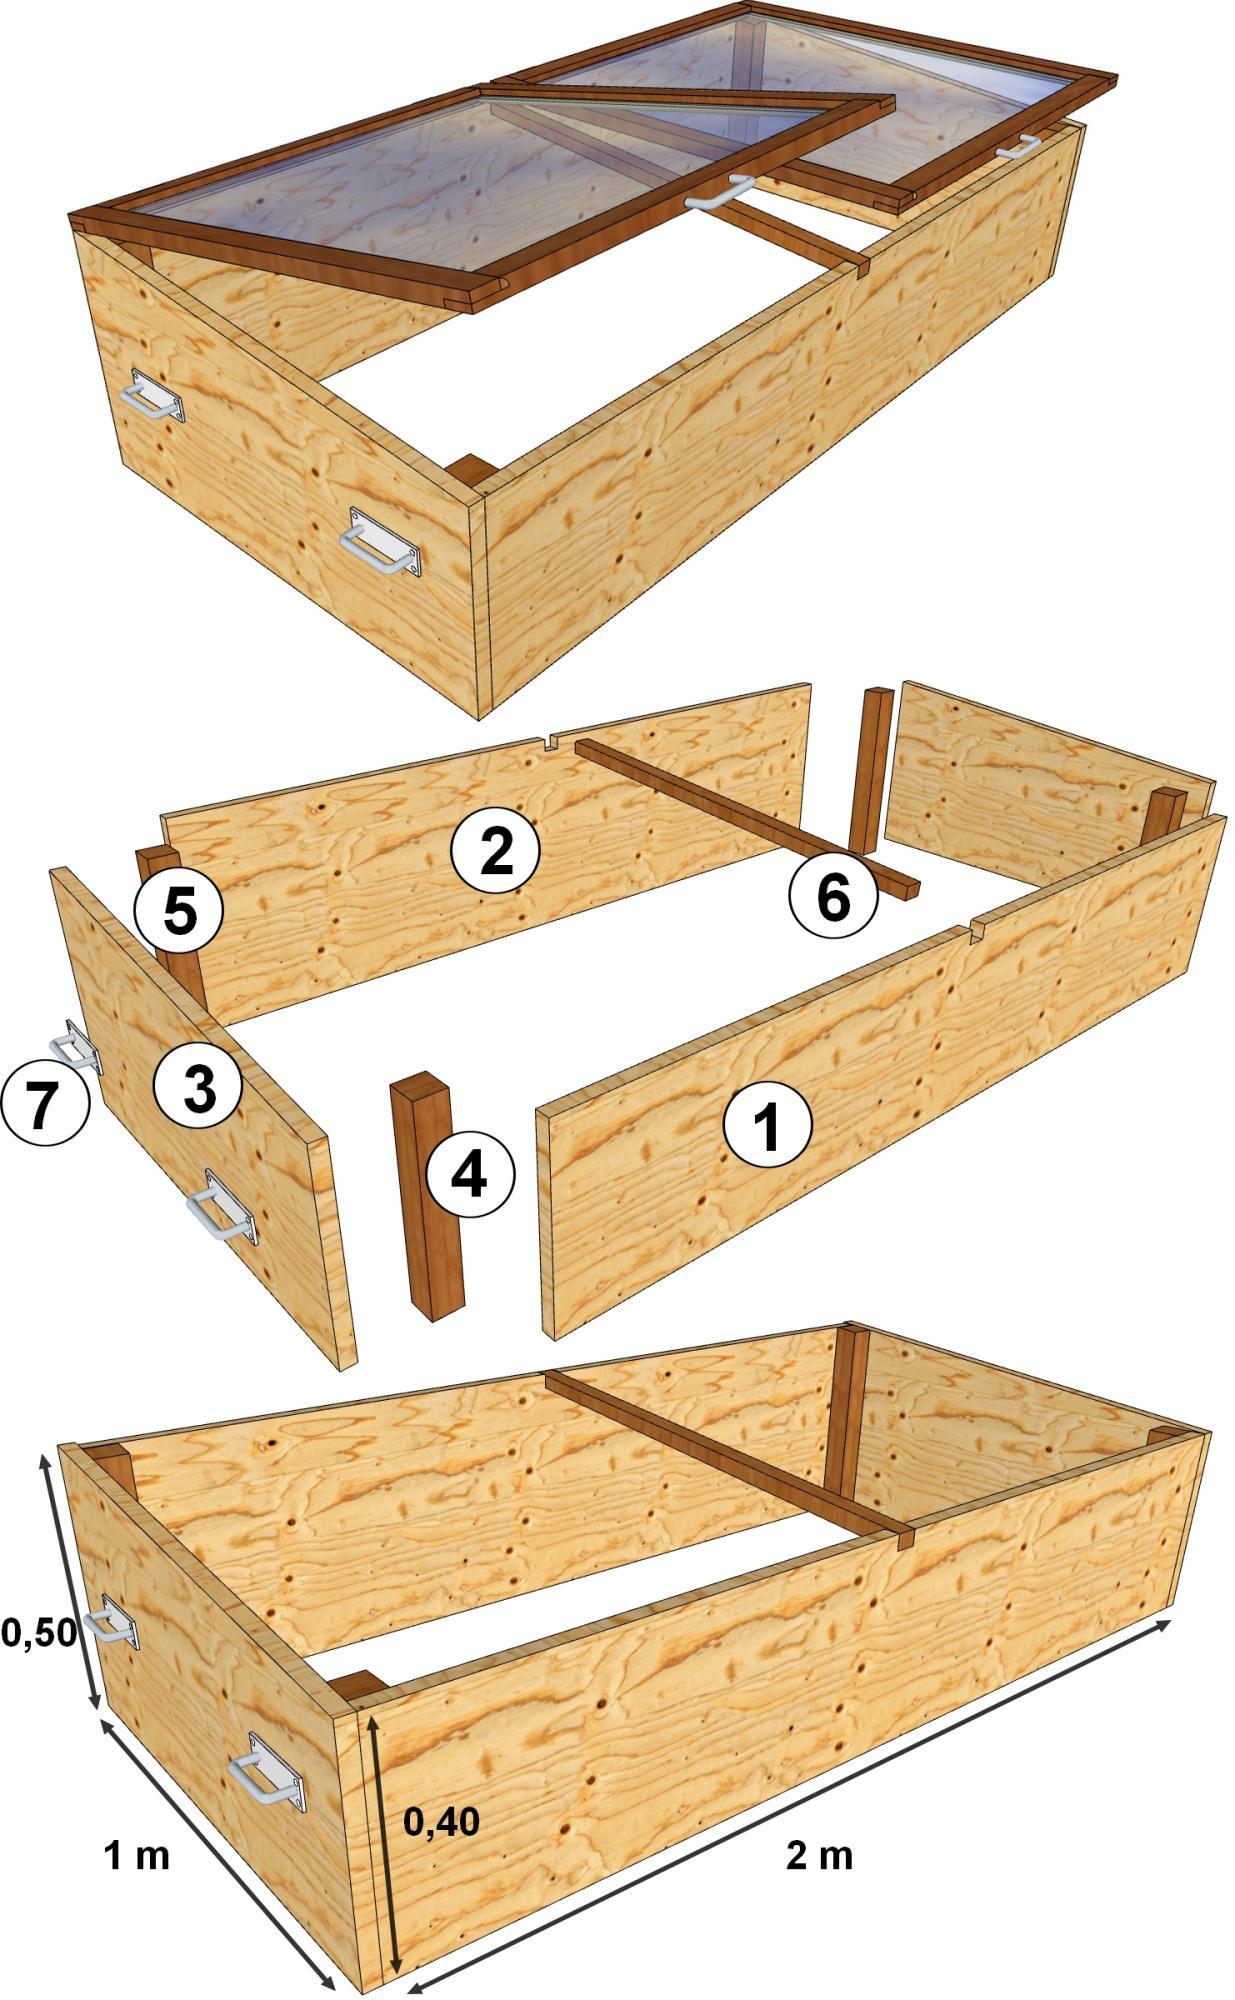 Comment fabriquer un coffre en bois - Comment fabriquer un chassis de jardin ...